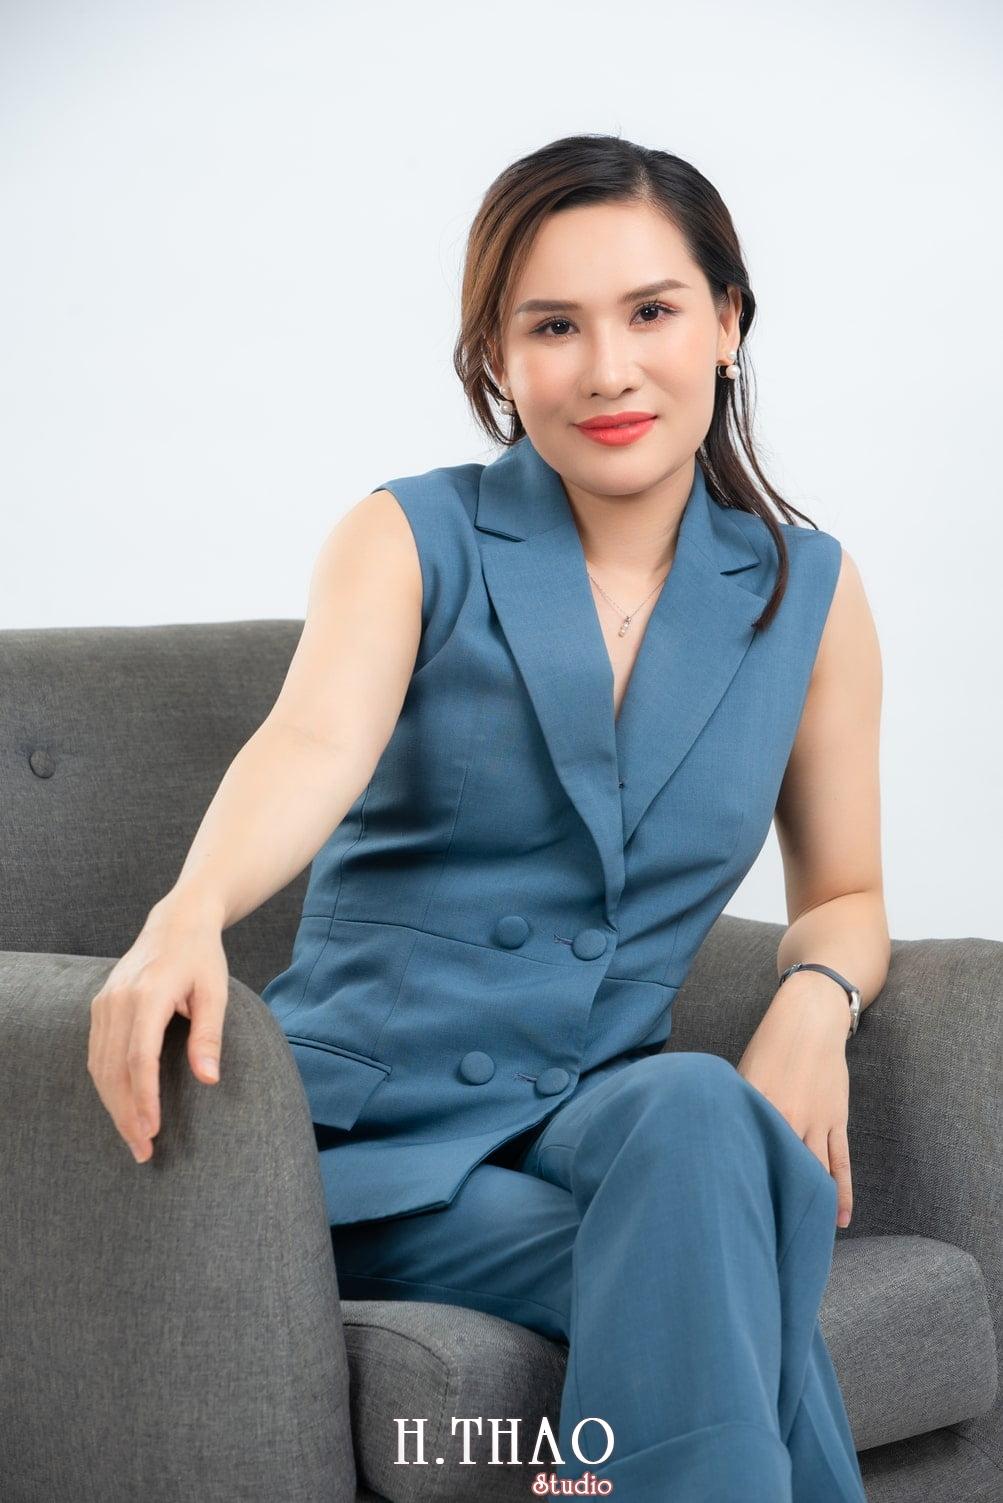 Doanh nhan nu 18 - Ảnh nữ doanh nhân bất động sản, phó TGĐ Express Ms.Nho – HThao Studio